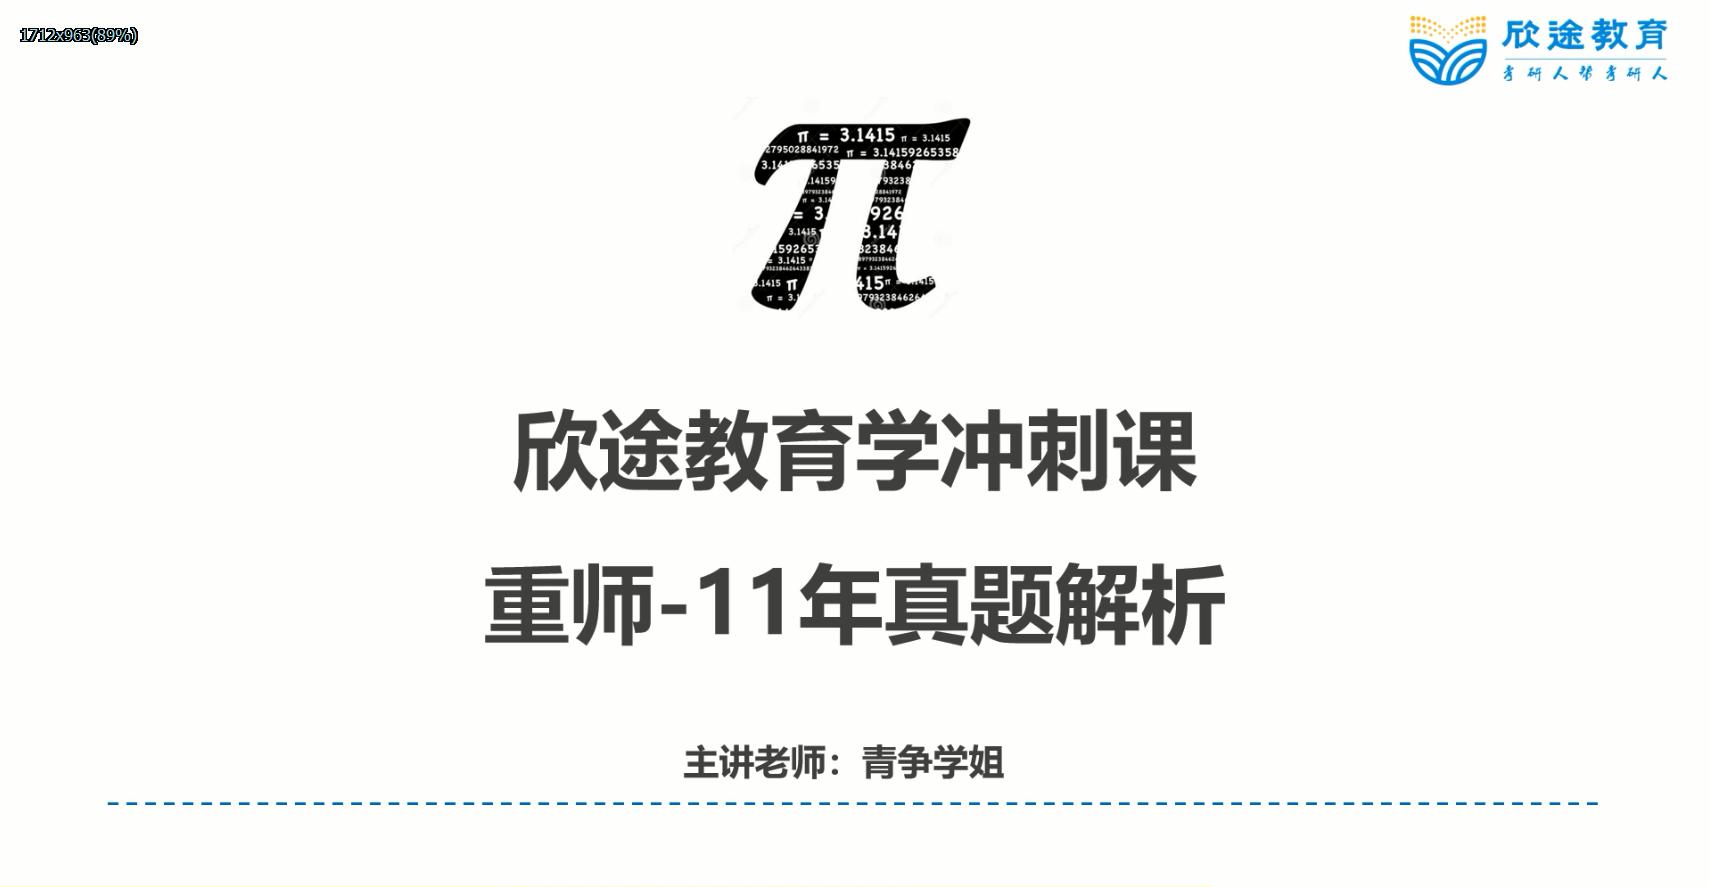 【2021教育学考研】重庆师范大学(学科数学)冲刺真题解析试听课